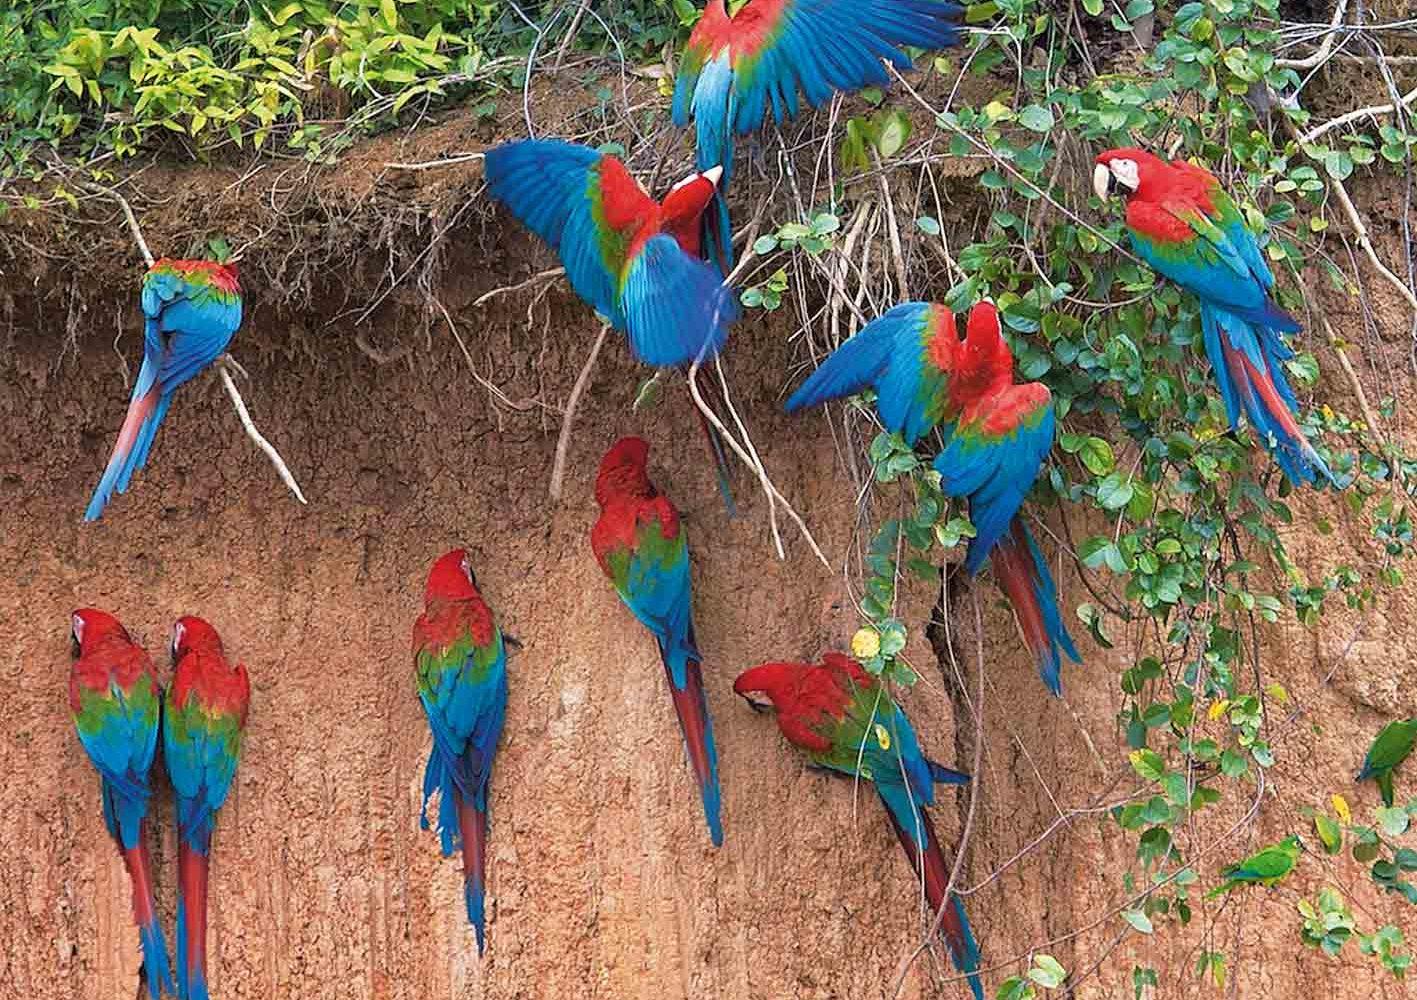 Papageien-Salzlecke im Amazonas, Peru